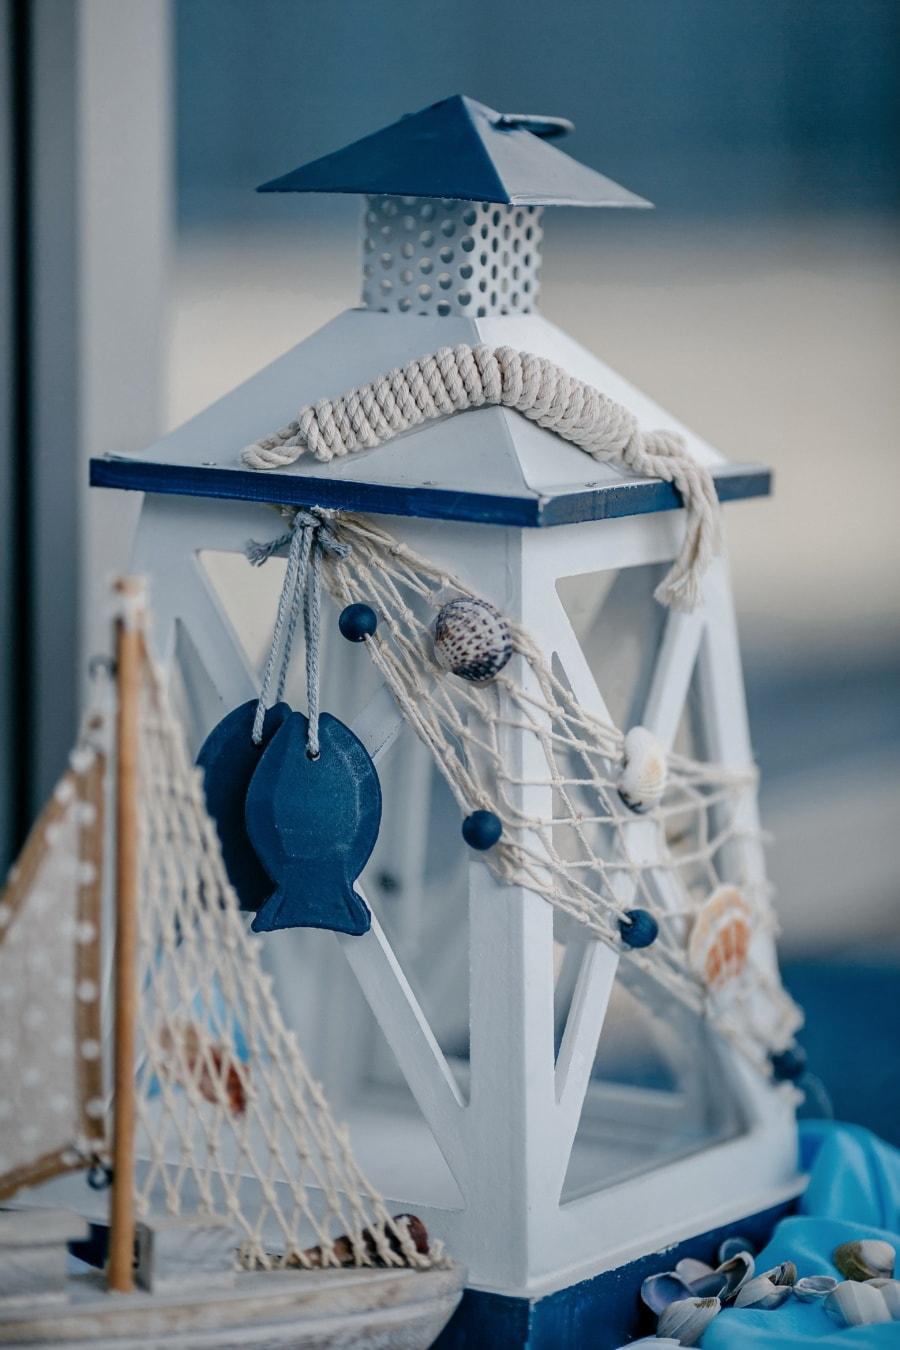 lanterna, plava, drveni, ručni rad, dekoracija, uže, drvo, mini, detalj, čvor